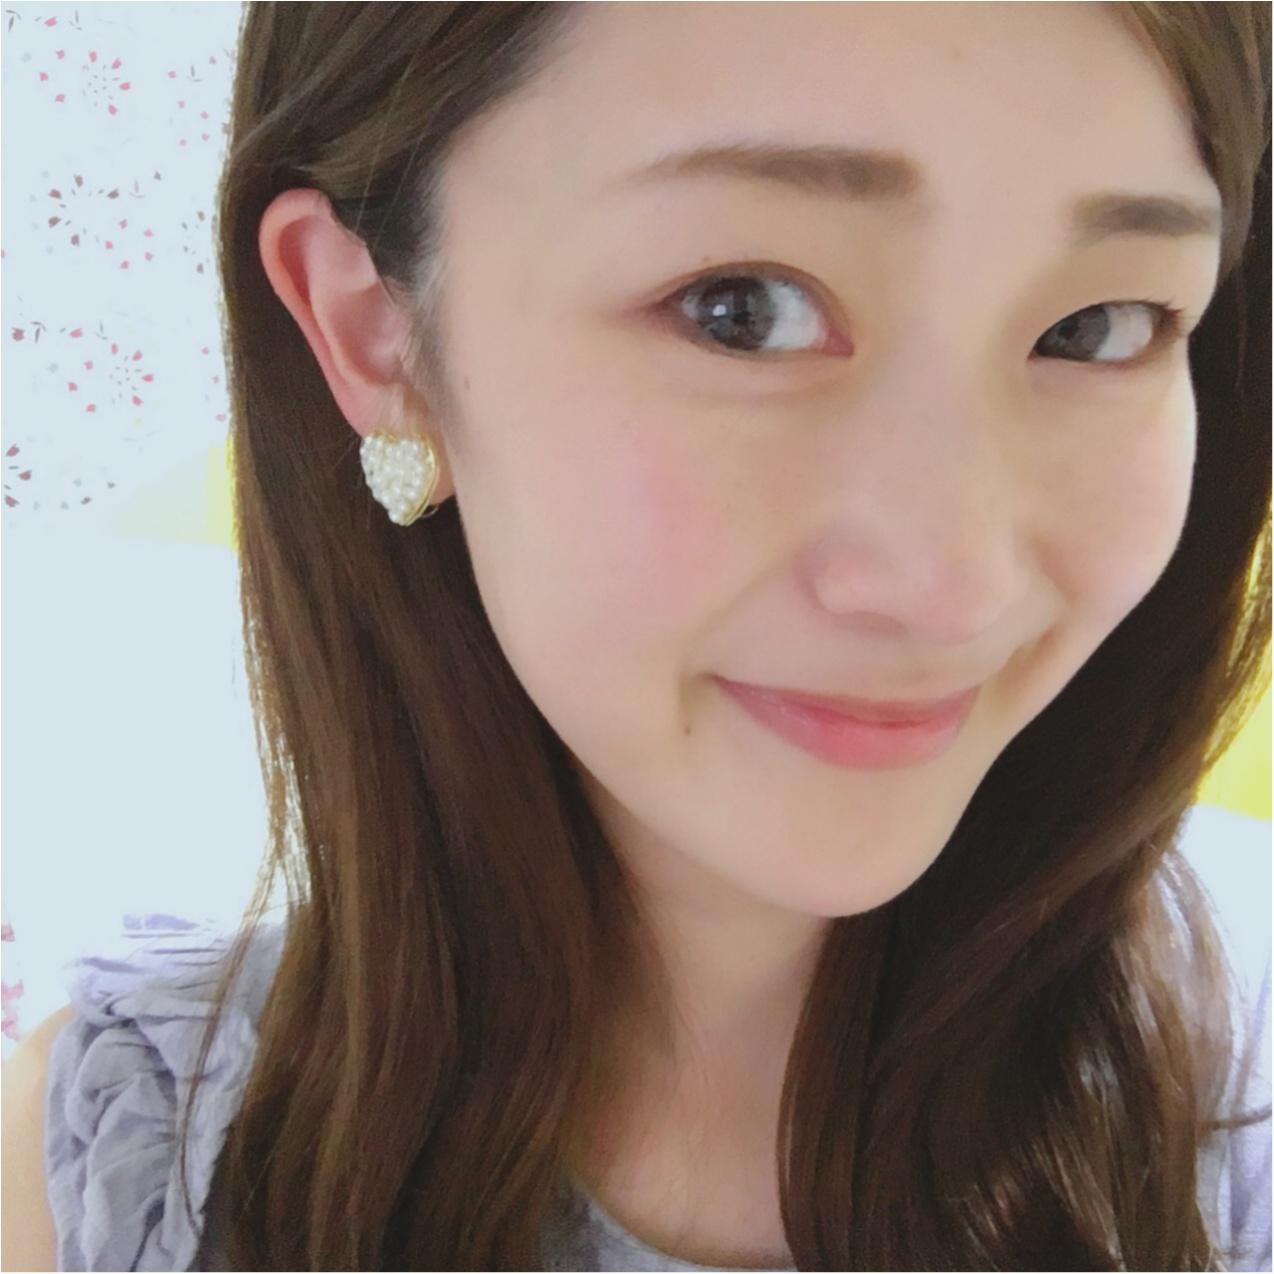 【レシピ公開】カジュアルコーデにぴったり!ハンドメイドのパールイヤリング♡_4